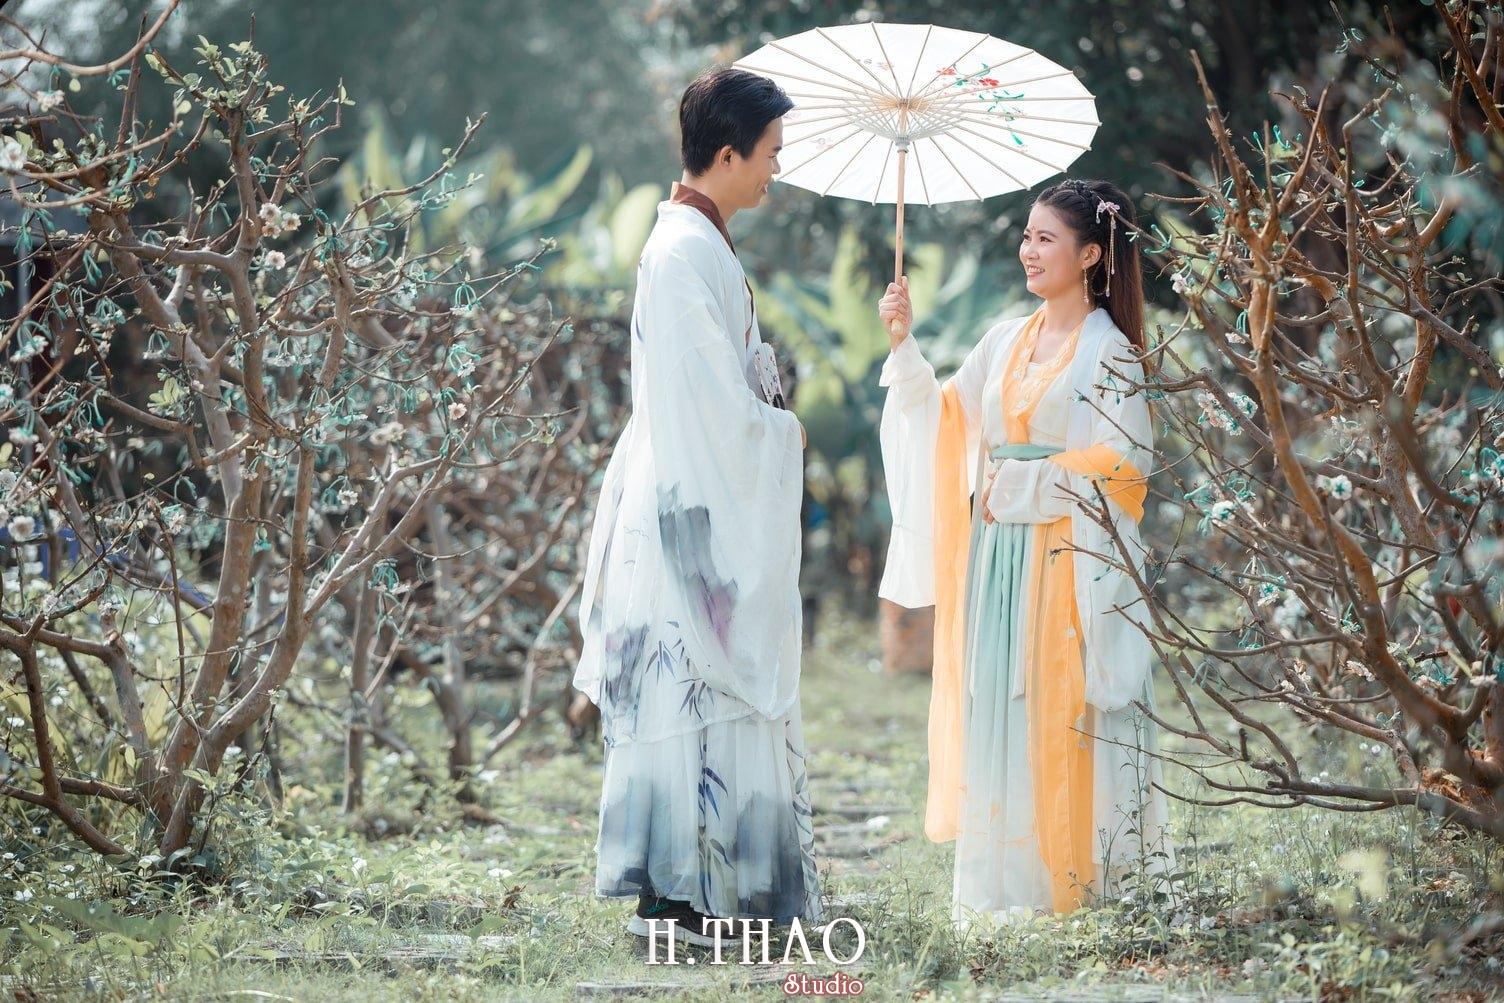 Couple co trang 2 - Album ảnh chụp cổ trang couple đôi bạn đẹp độc lạ - HThao Studio